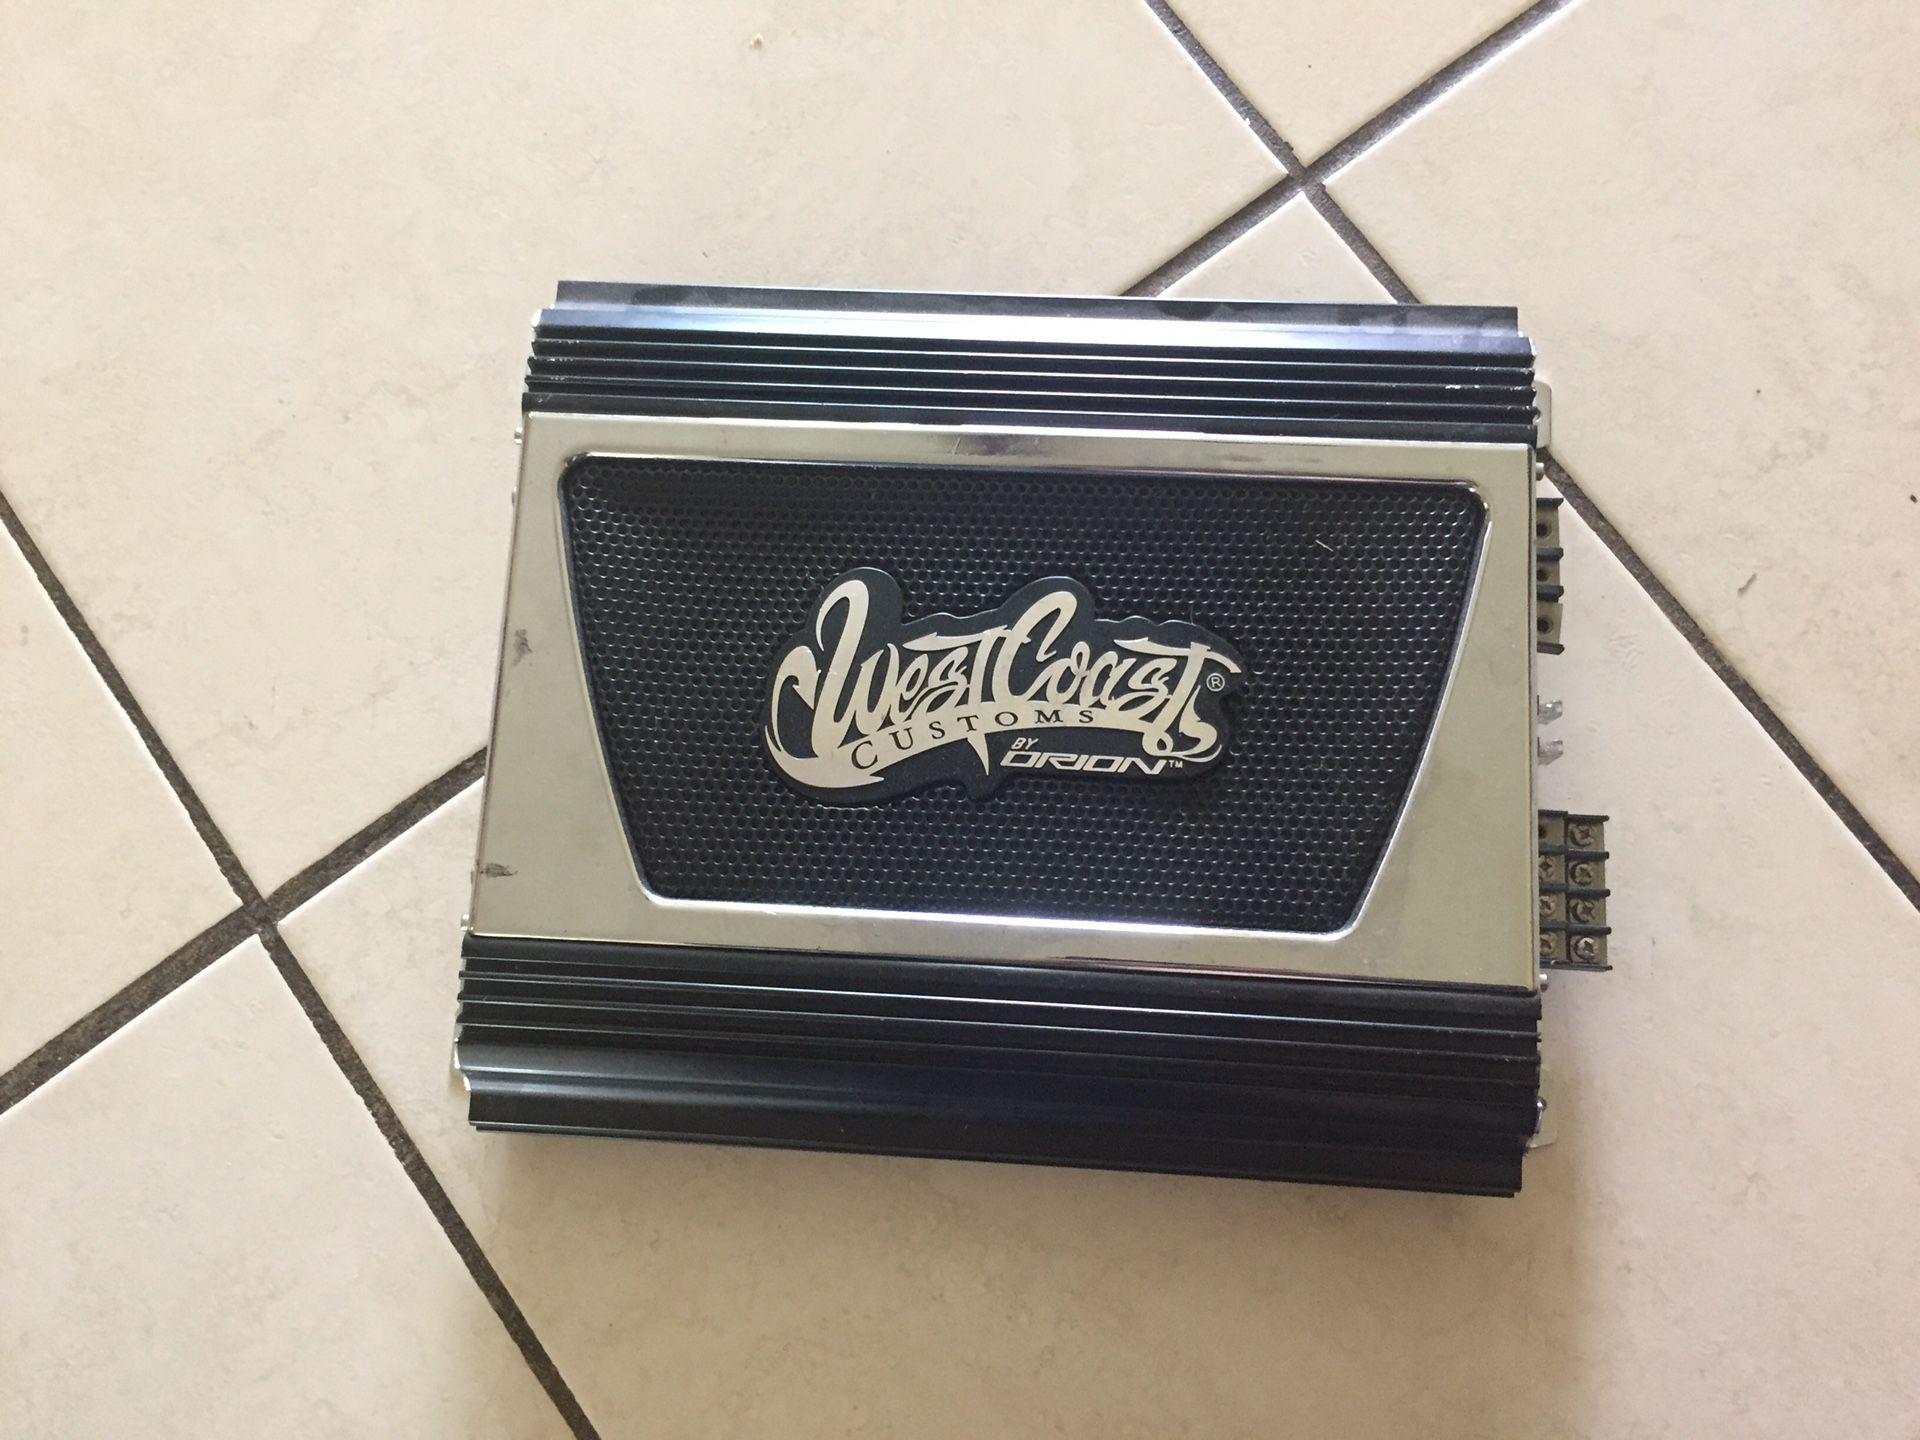 West coast customs car amplifier